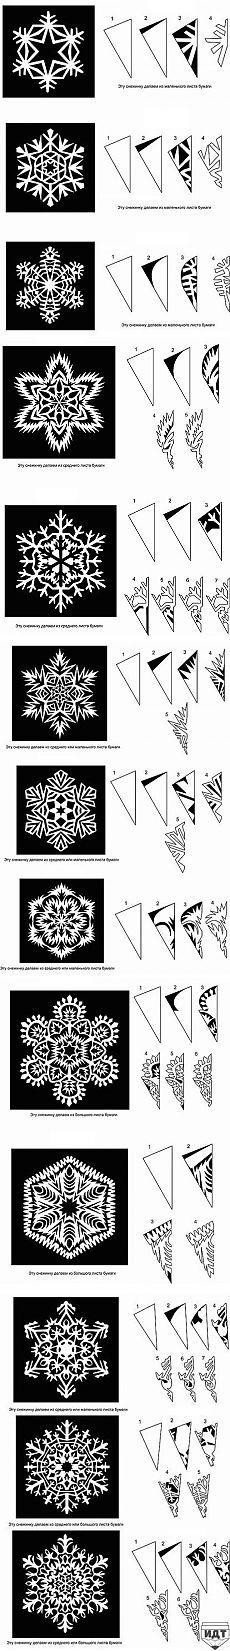 Ажурные снежинки из бумаги.